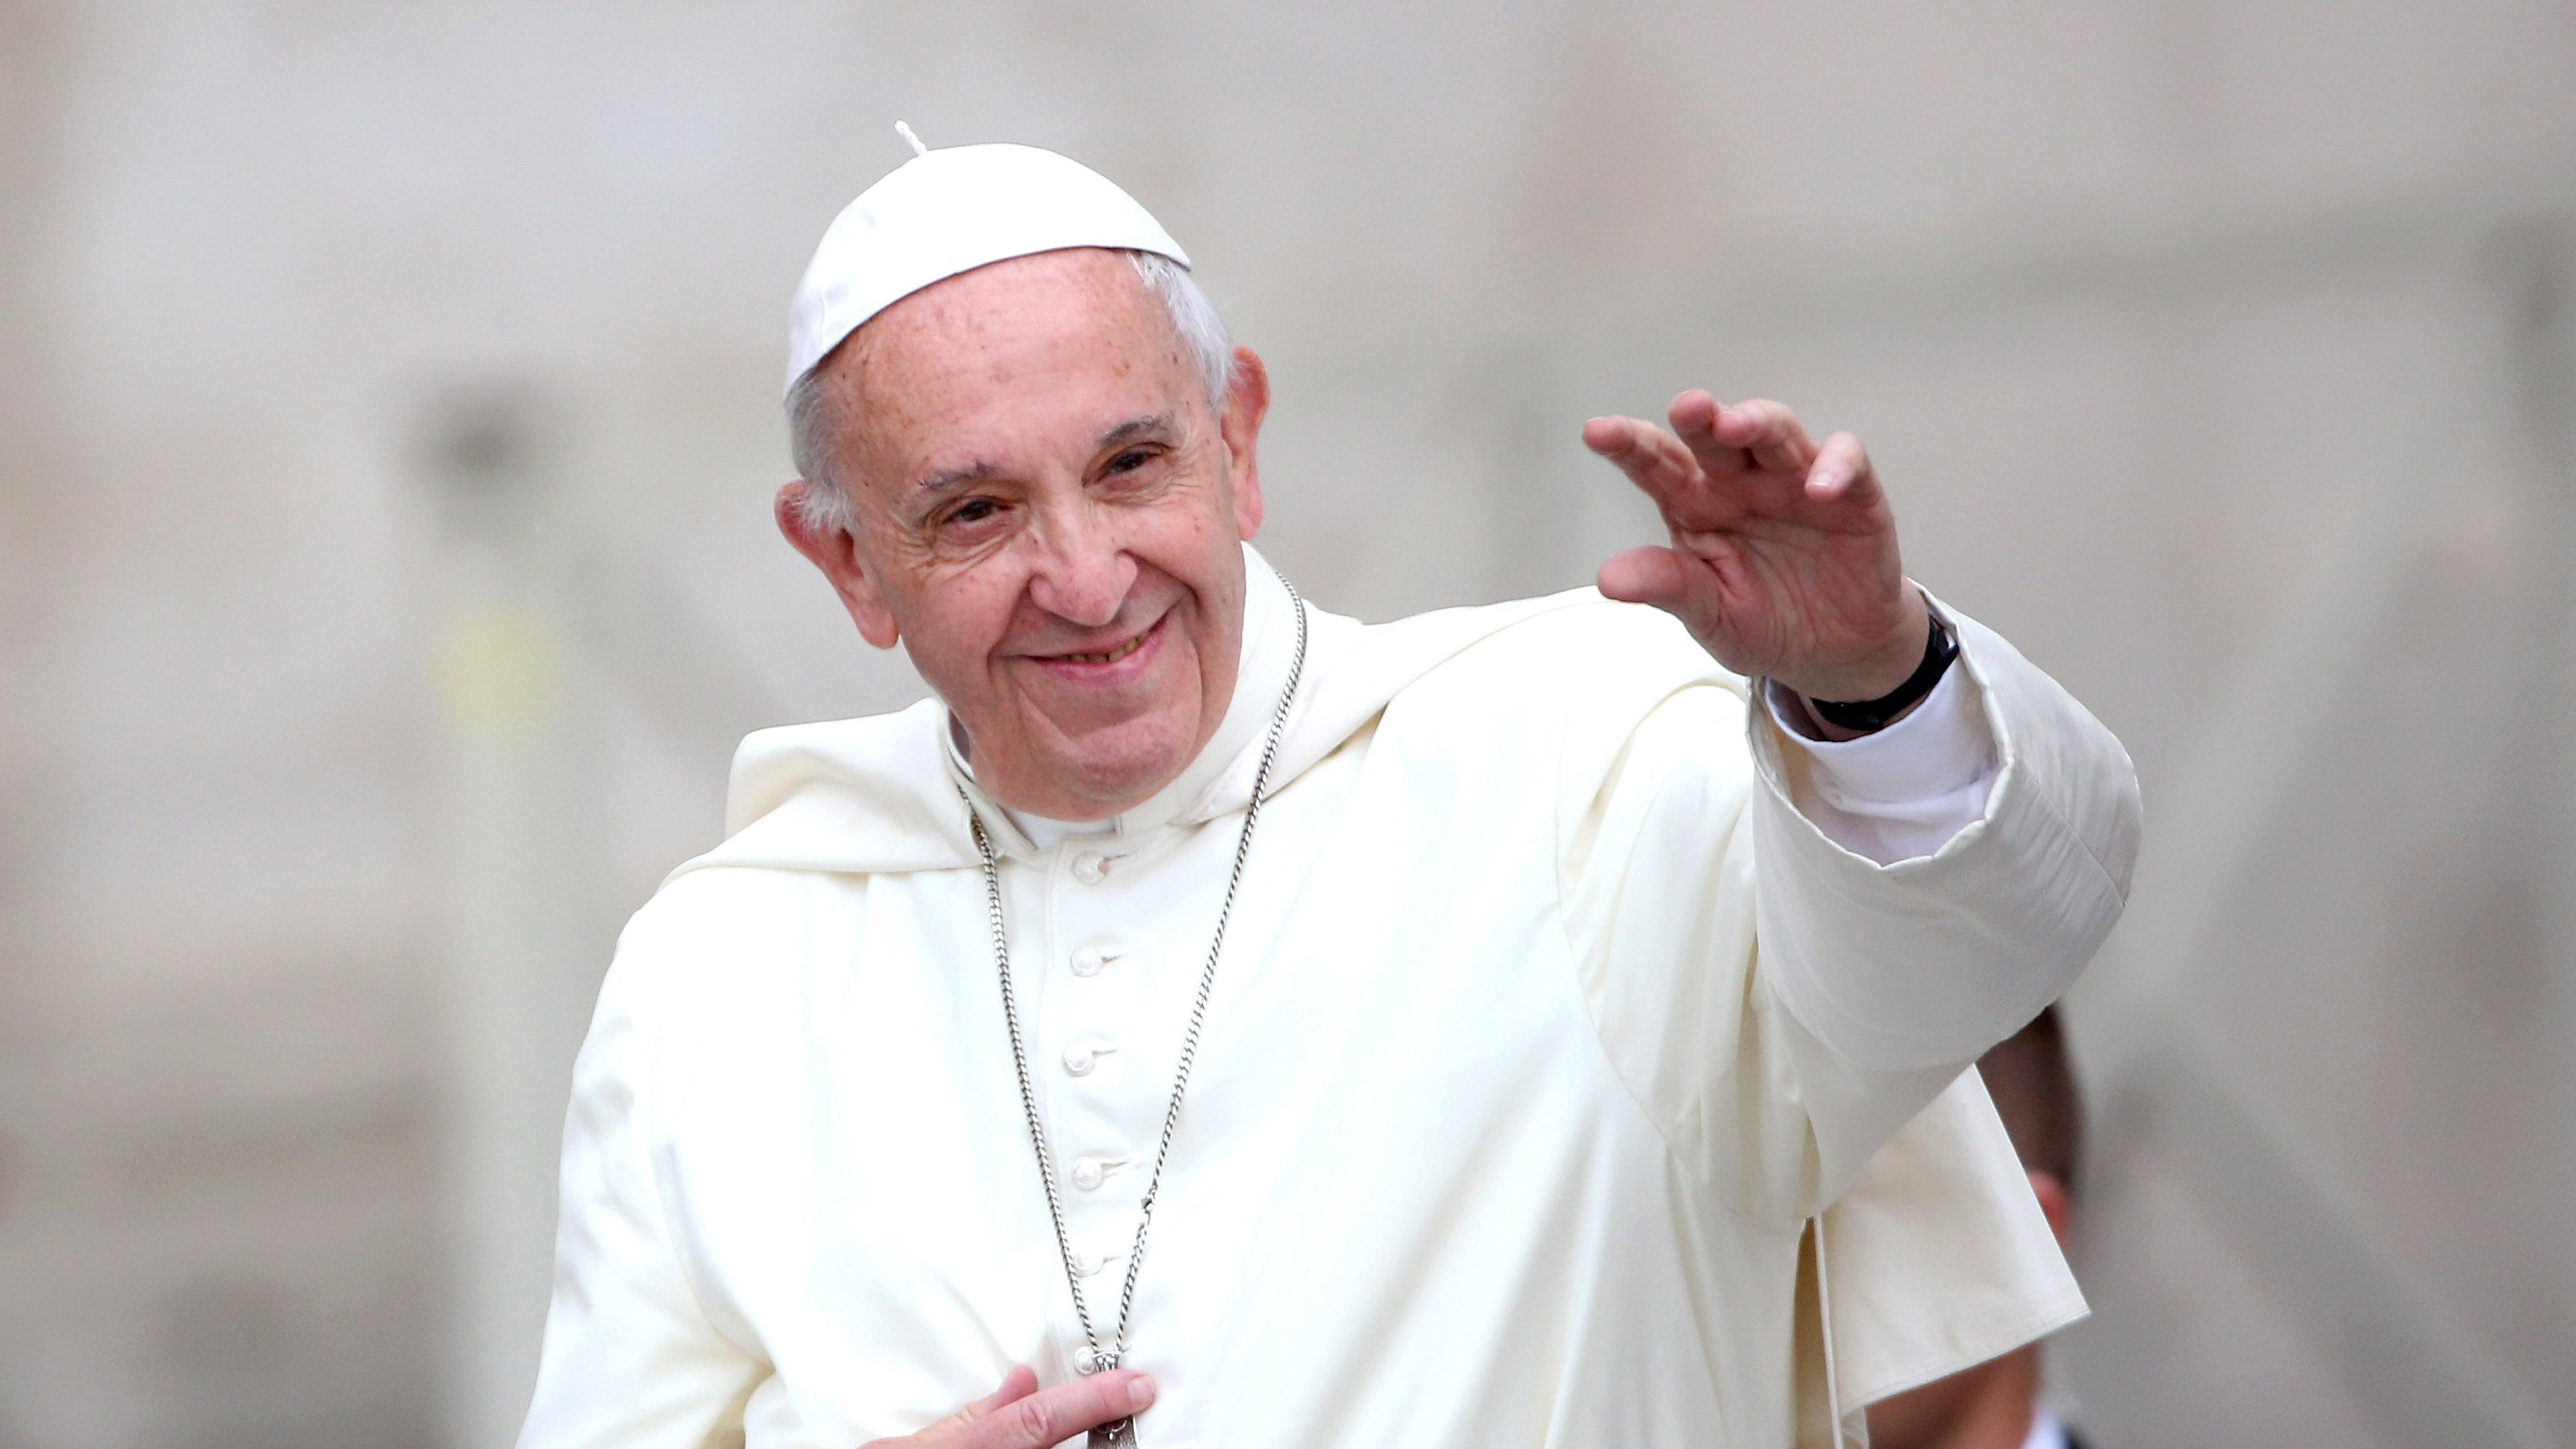 Meglepő titkot árult el magáról Ferenc pápa